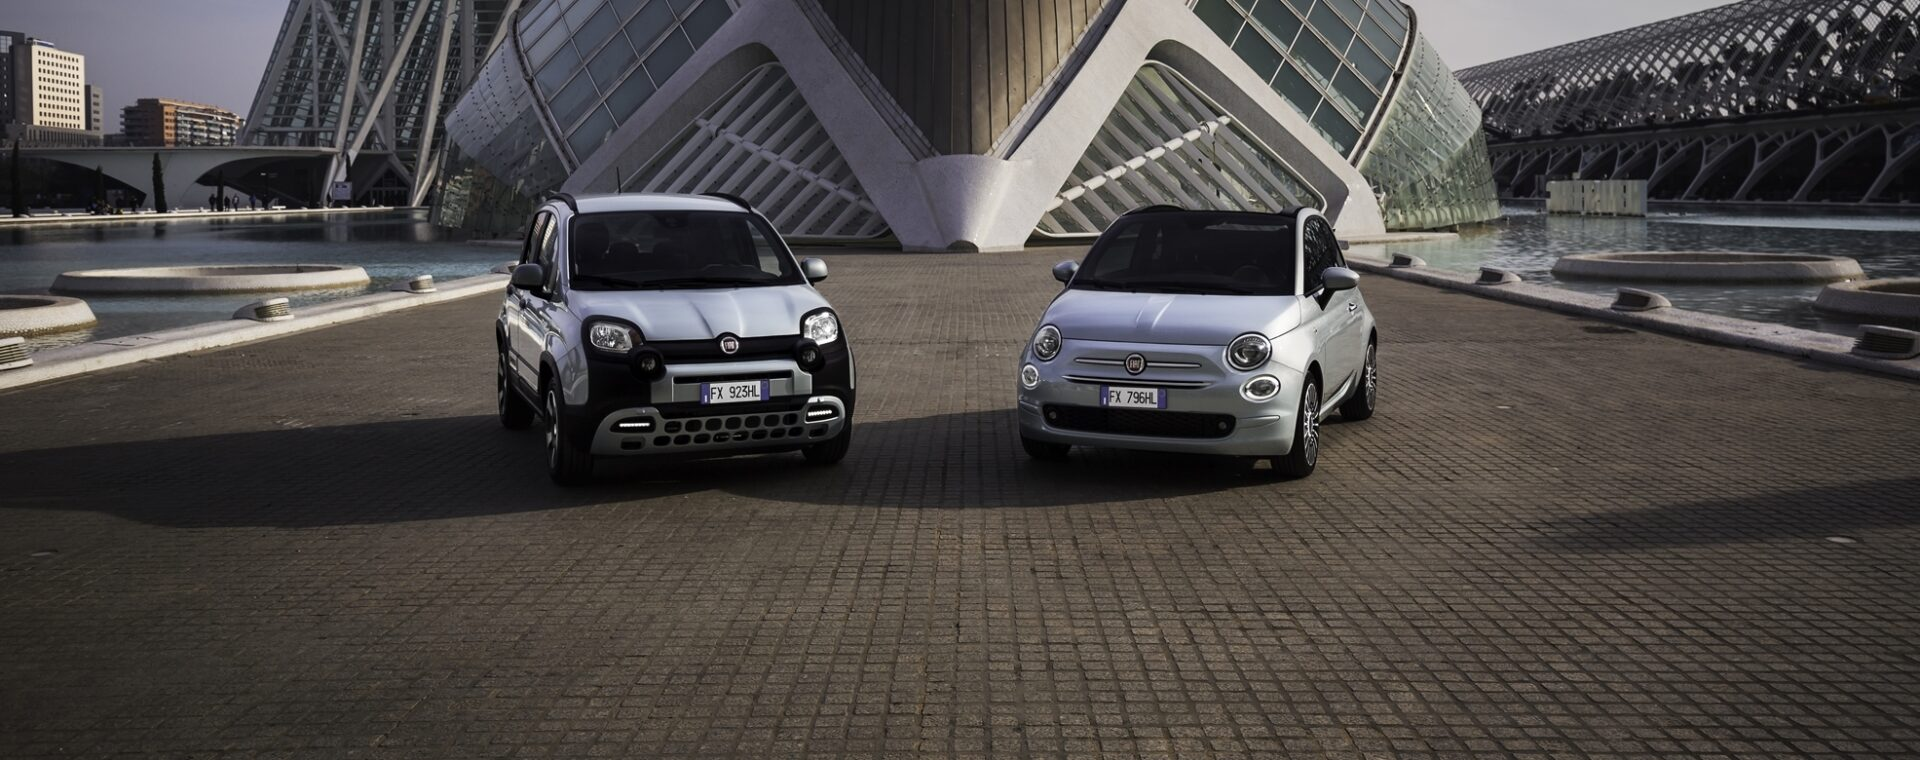 Fiat 500 y Fiat Panda Hybrid, el híbrido según Fiat